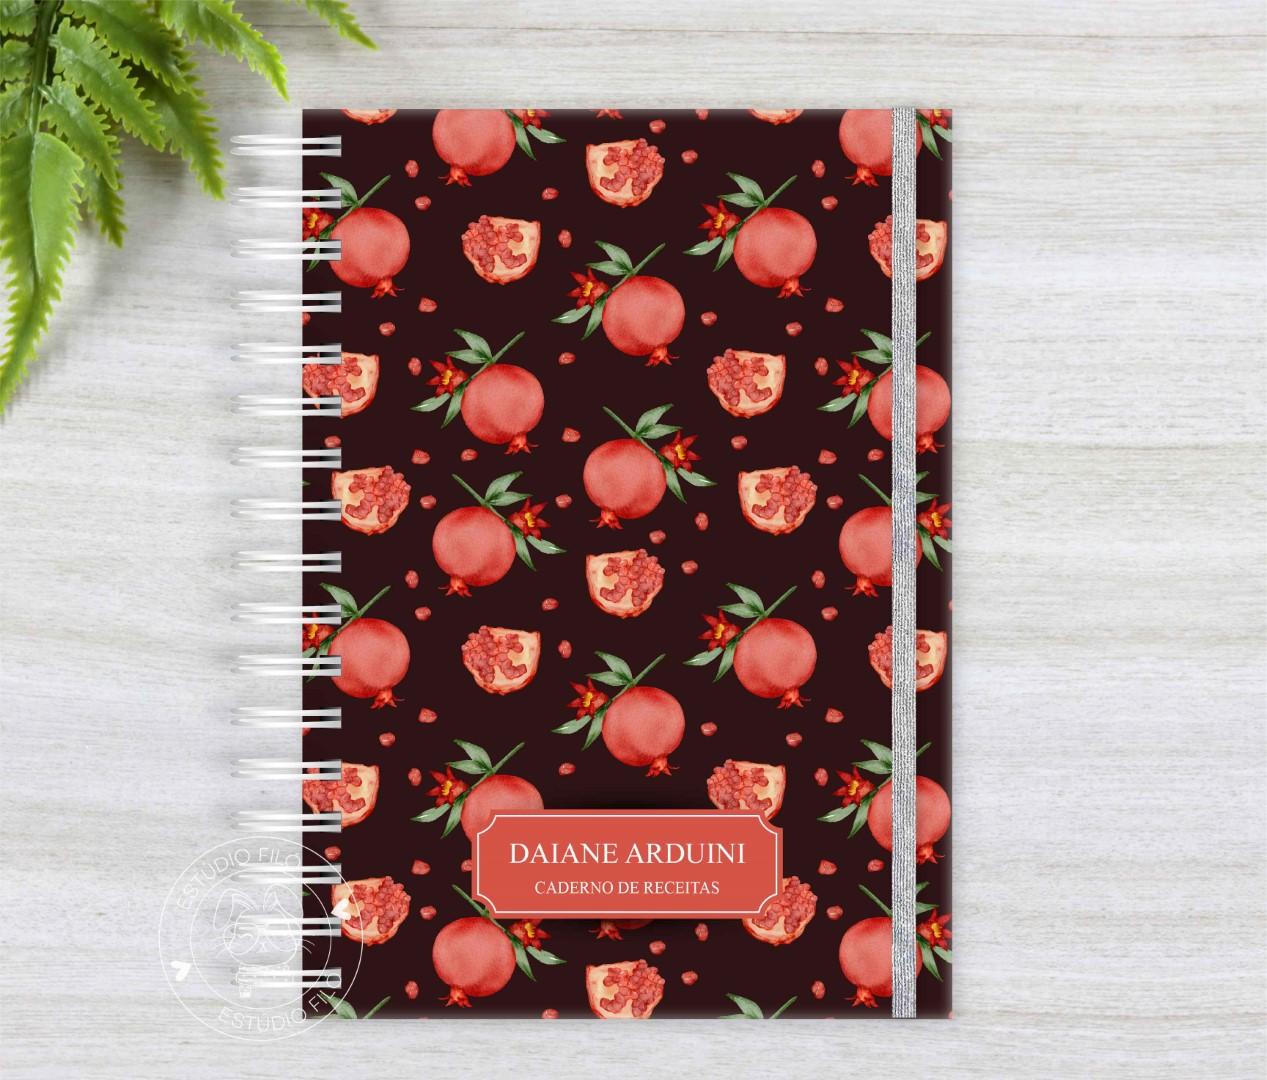 Caderno de receitas romã